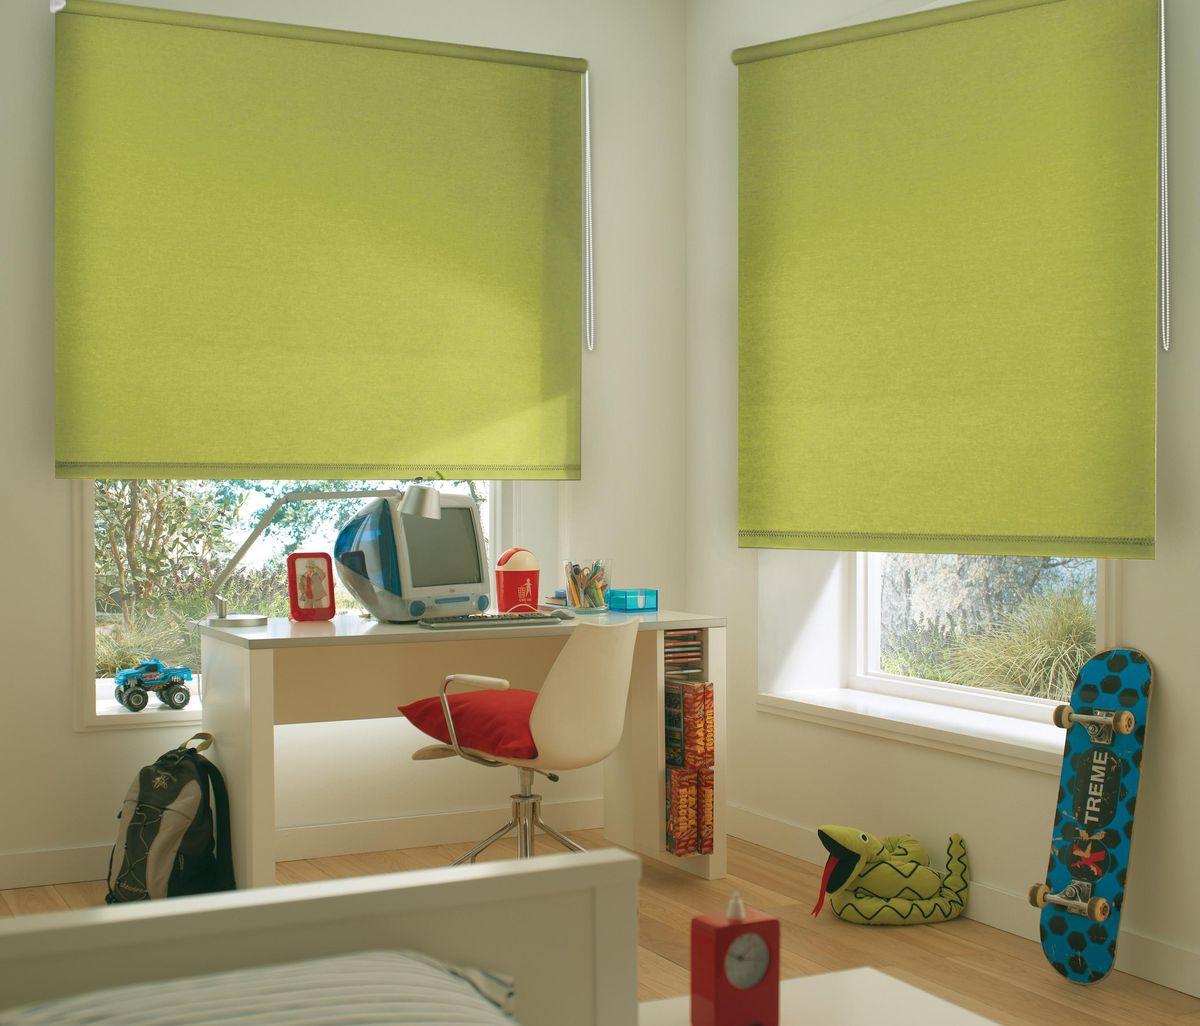 Штора рулонная Эскар, цвет: салатовый, ширина 80 см, высота 170 см81014080170Рулонными шторами можно оформлять окна как самостоятельно, так и использовать в комбинации с портьерами. Это поможет предотвратить выгорание дорогой ткани на солнце и соединит функционал рулонных с красотой навесных.Преимущества применения рулонных штор для пластиковых окон:- имеют прекрасный внешний вид: многообразие и фактурность материала изделия отлично смотрятся в любом интерьере; - многофункциональны: есть возможность подобрать шторы способные эффективно защитить комнату от солнца, при этом о на не будет слишком темной. - Есть возможность осуществить быстрый монтаж. ВНИМАНИЕ! Размеры ширины изделия указаны по ширине ткани!Во время эксплуатации не рекомендуется полностью разматывать рулон, чтобы не оторвать ткань от намоточного вала.В случае загрязнения поверхности ткани, чистку шторы проводят одним из способов, в зависимости от типа загрязнения: легкое поверхностное загрязнение можно удалить при помощи канцелярского ластика; чистка от пыли производится сухим методом при помощи пылесоса с мягкой щеткой-насадкой; для удаления пятна используйте мягкую губку с пенообразующим неагрессивным моющим средством или пятновыводитель на натуральной основе (нельзя применять растворители).